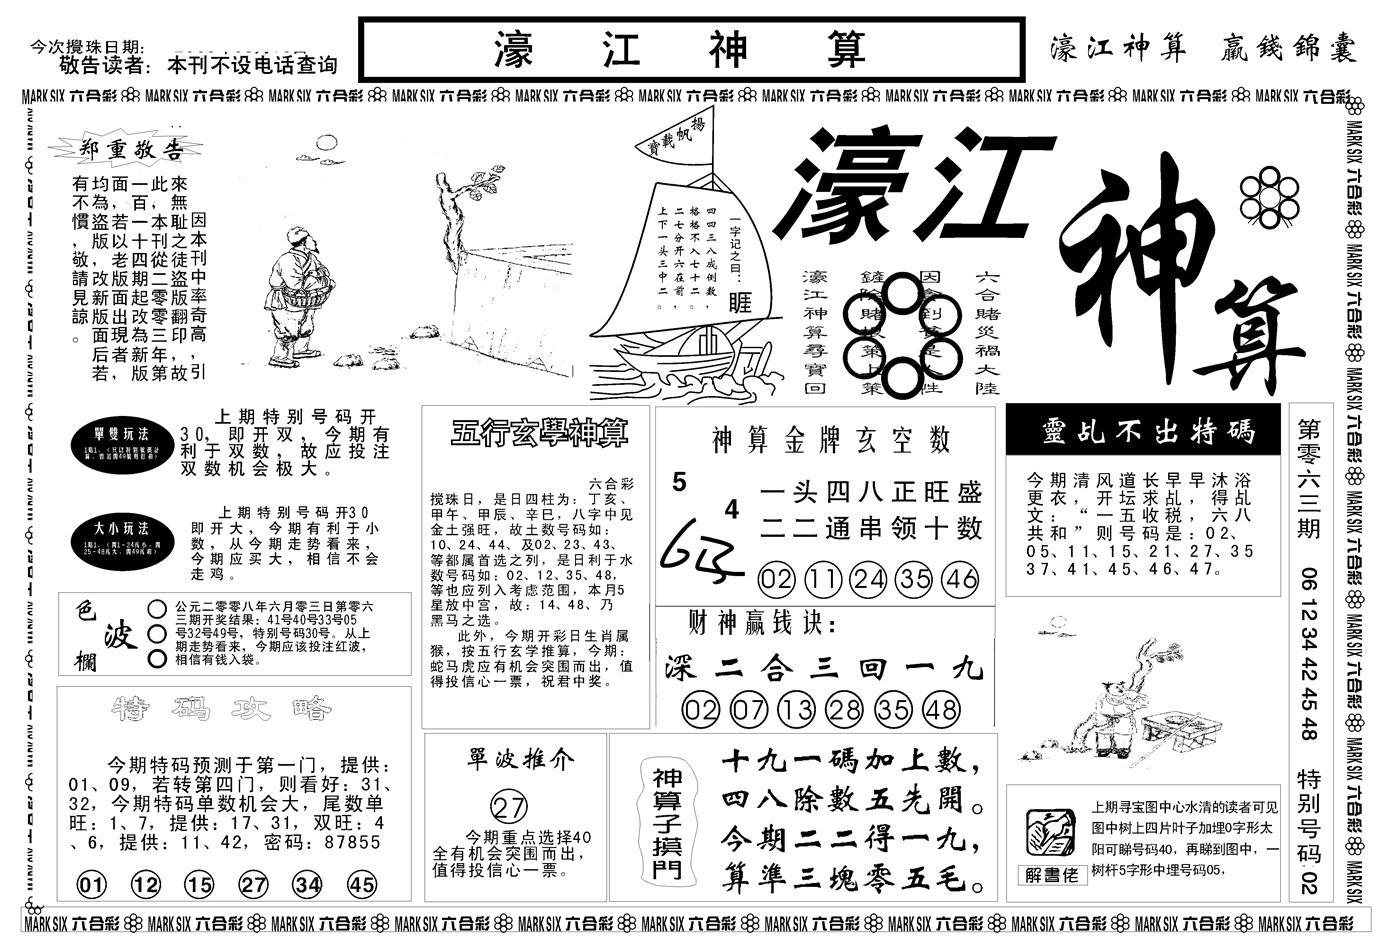 064期另版濠江神算A(黑白)